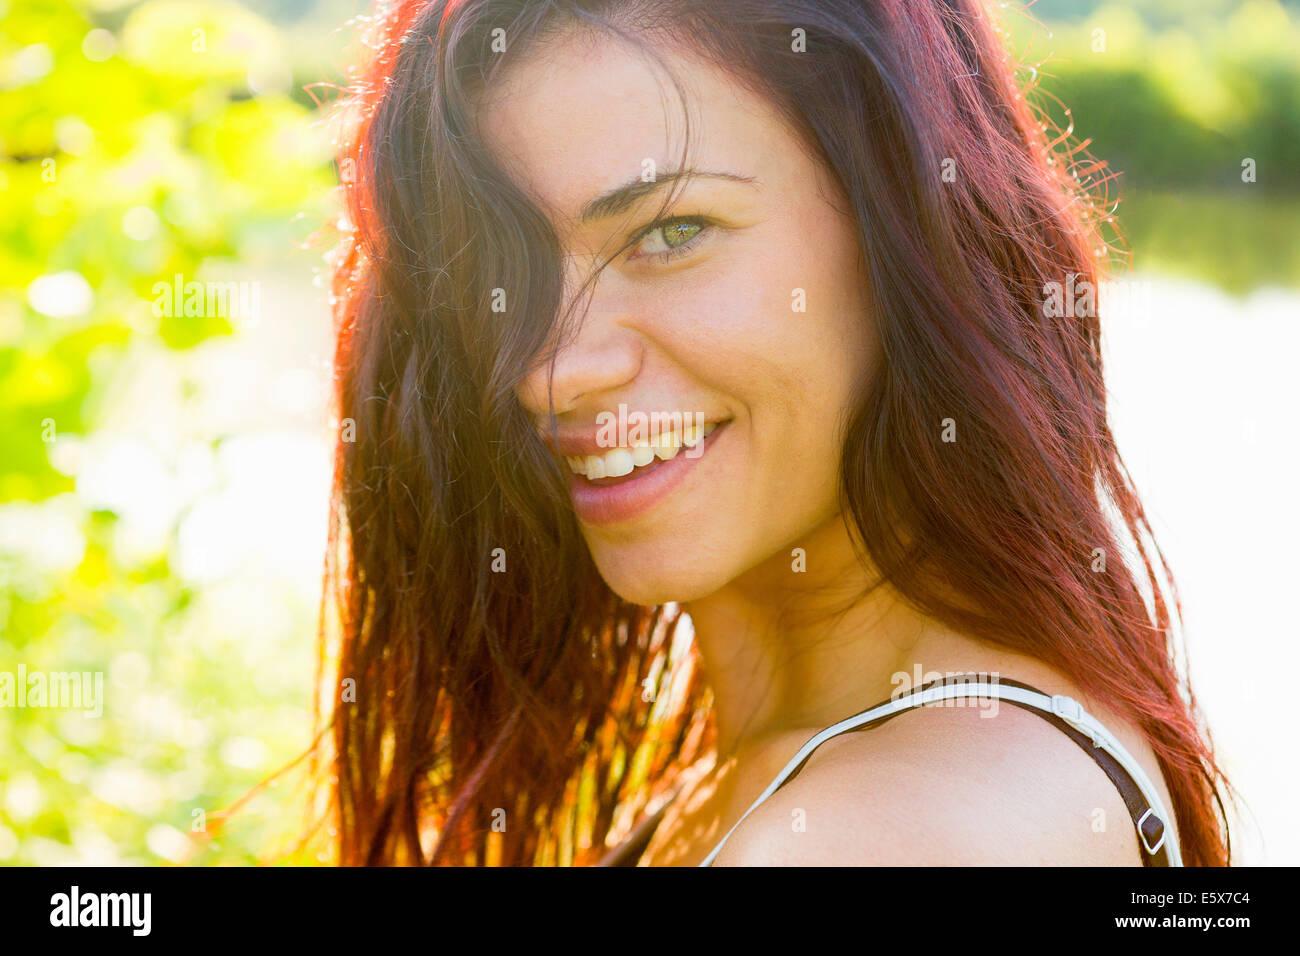 Portrait de jeune femme avec cheveux cacher face Banque D'Images